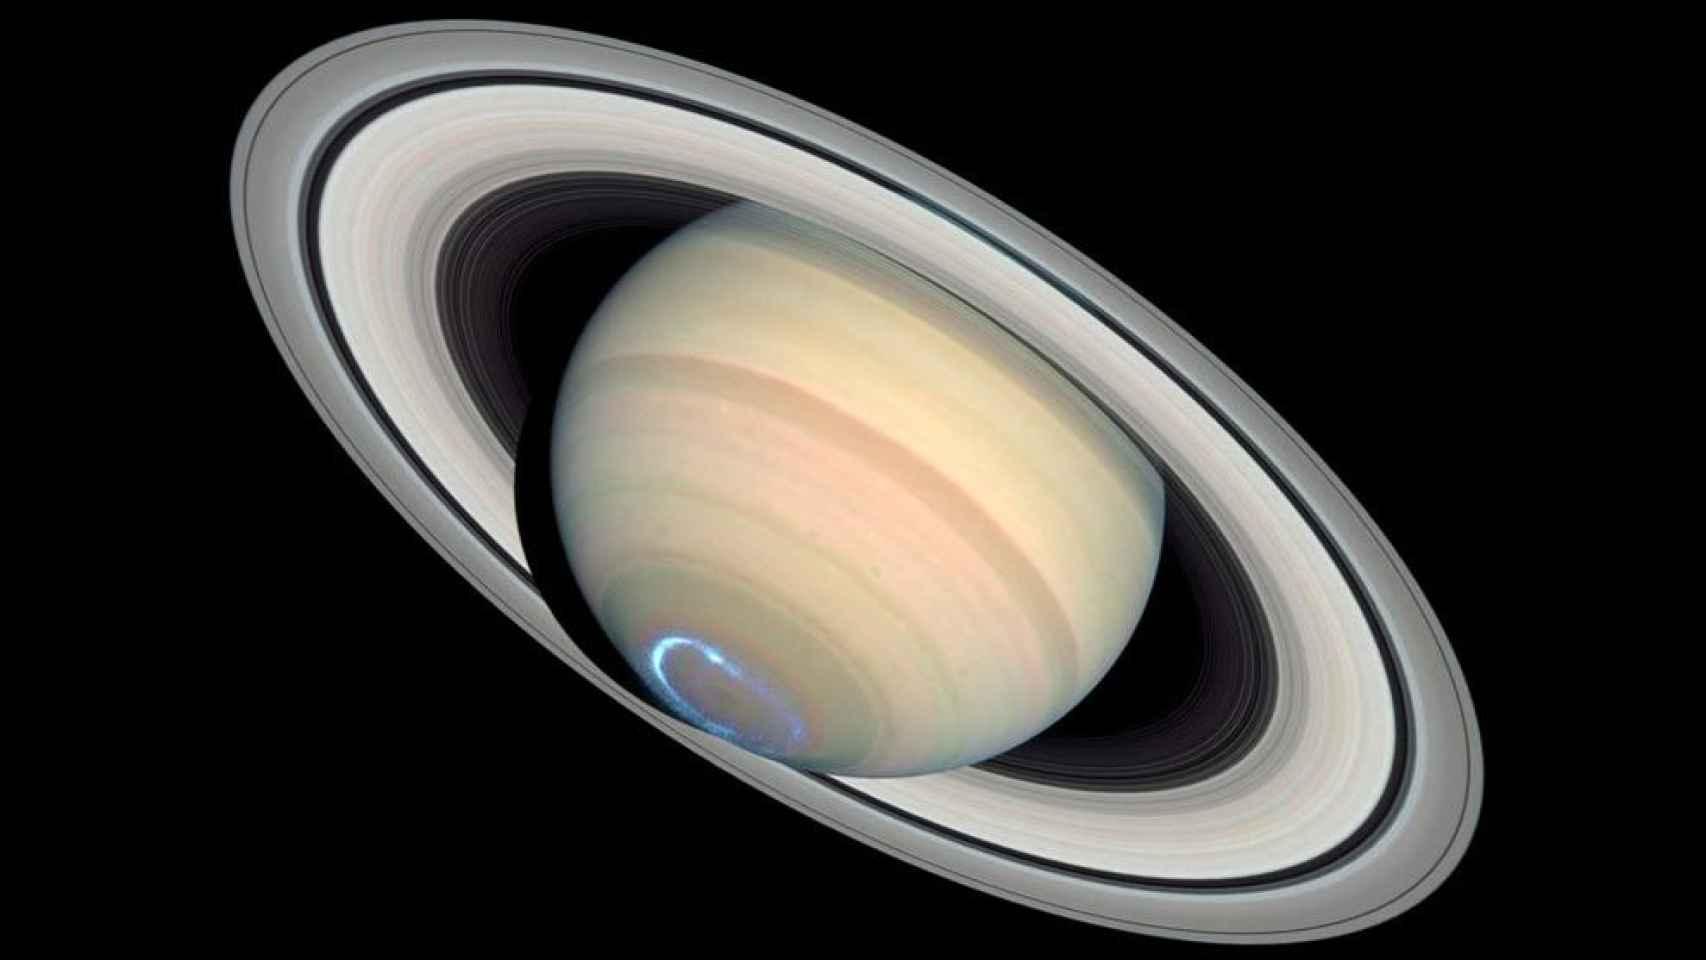 Una aurora en el polo sur de Saturno, captada por el Hubble.